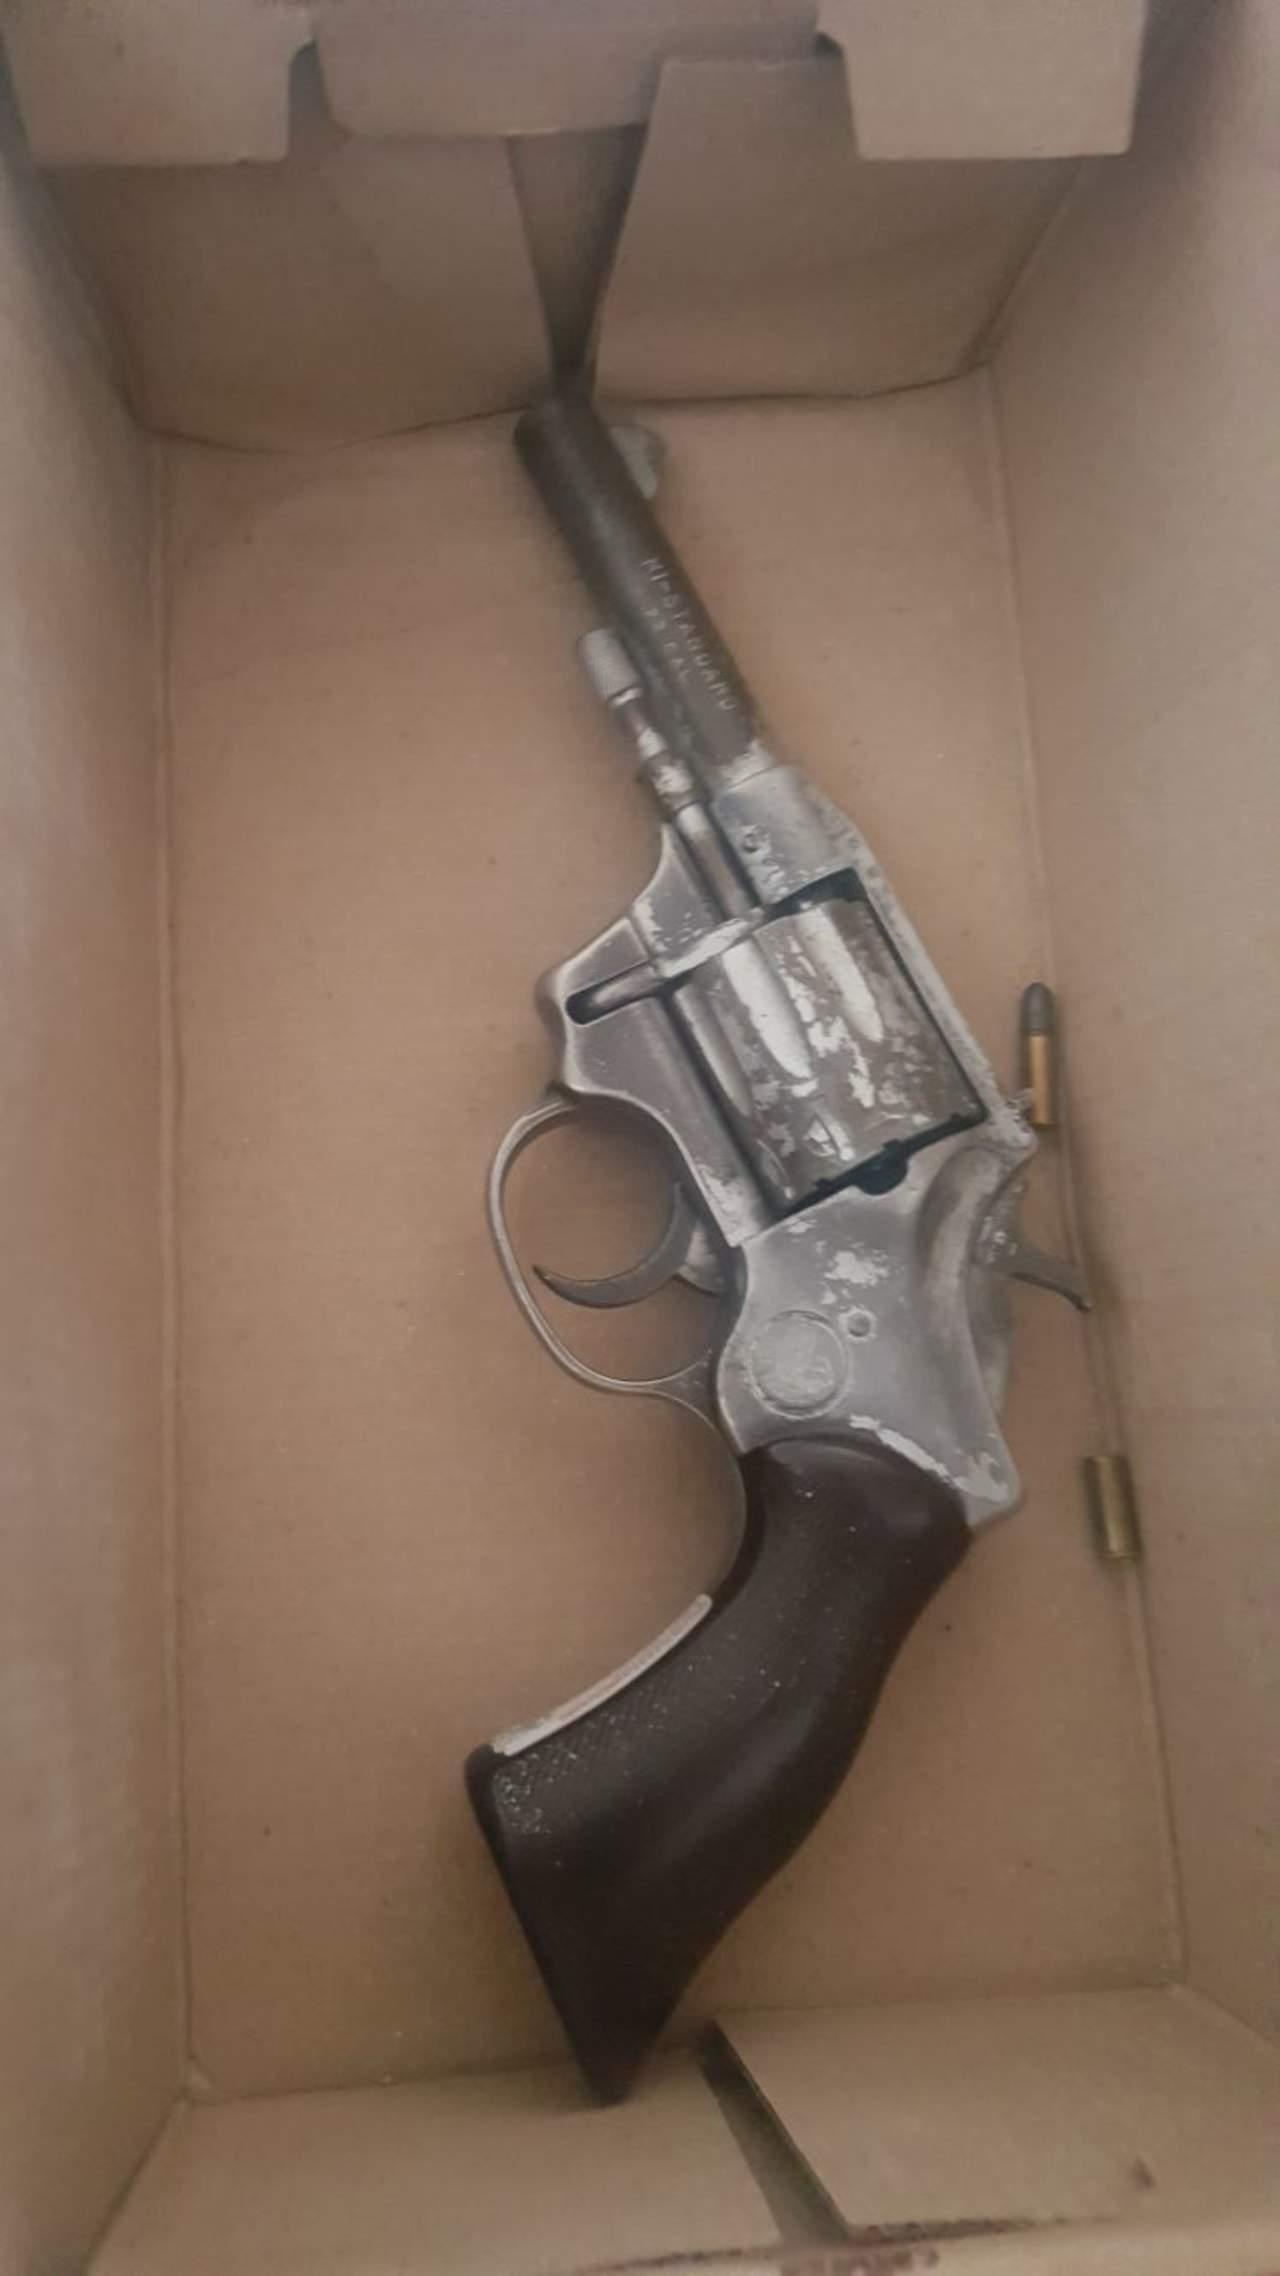 Se dispara niña con arma de su padre en Torreón